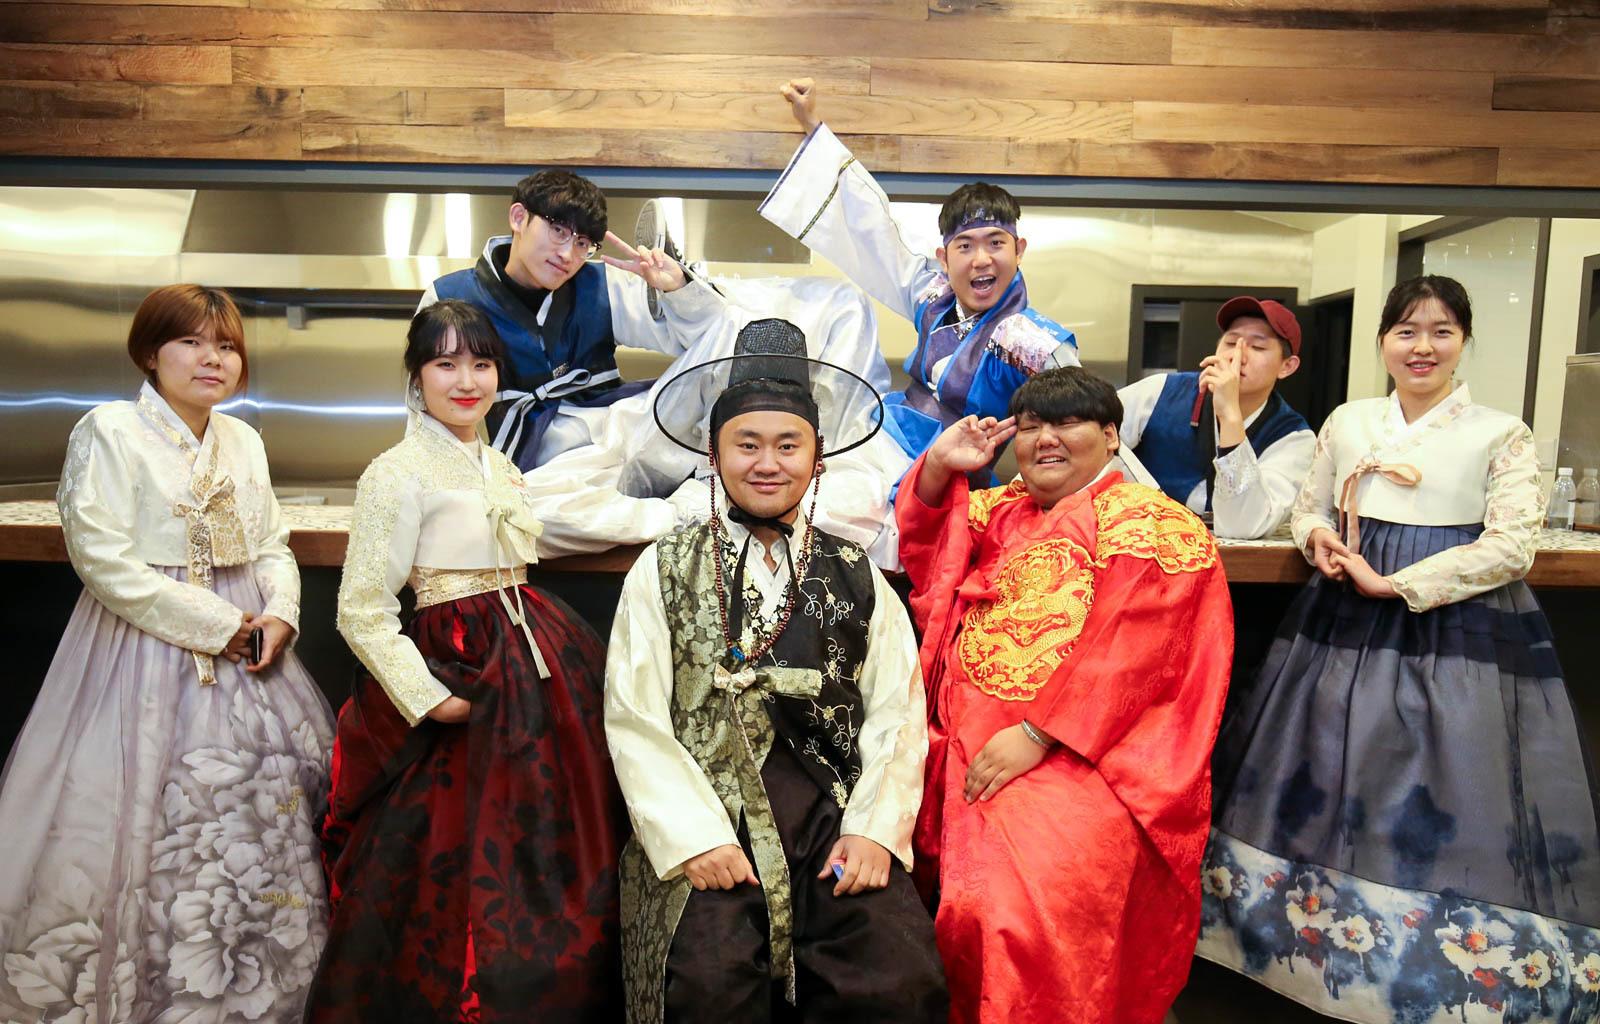 지난해 12월 27일 '청년상상놀이터'에서 공동 창업지원실에 입주한 청년들이 한복을 입고 기념 촬영을 하고 있다. 프리랜서 장정필